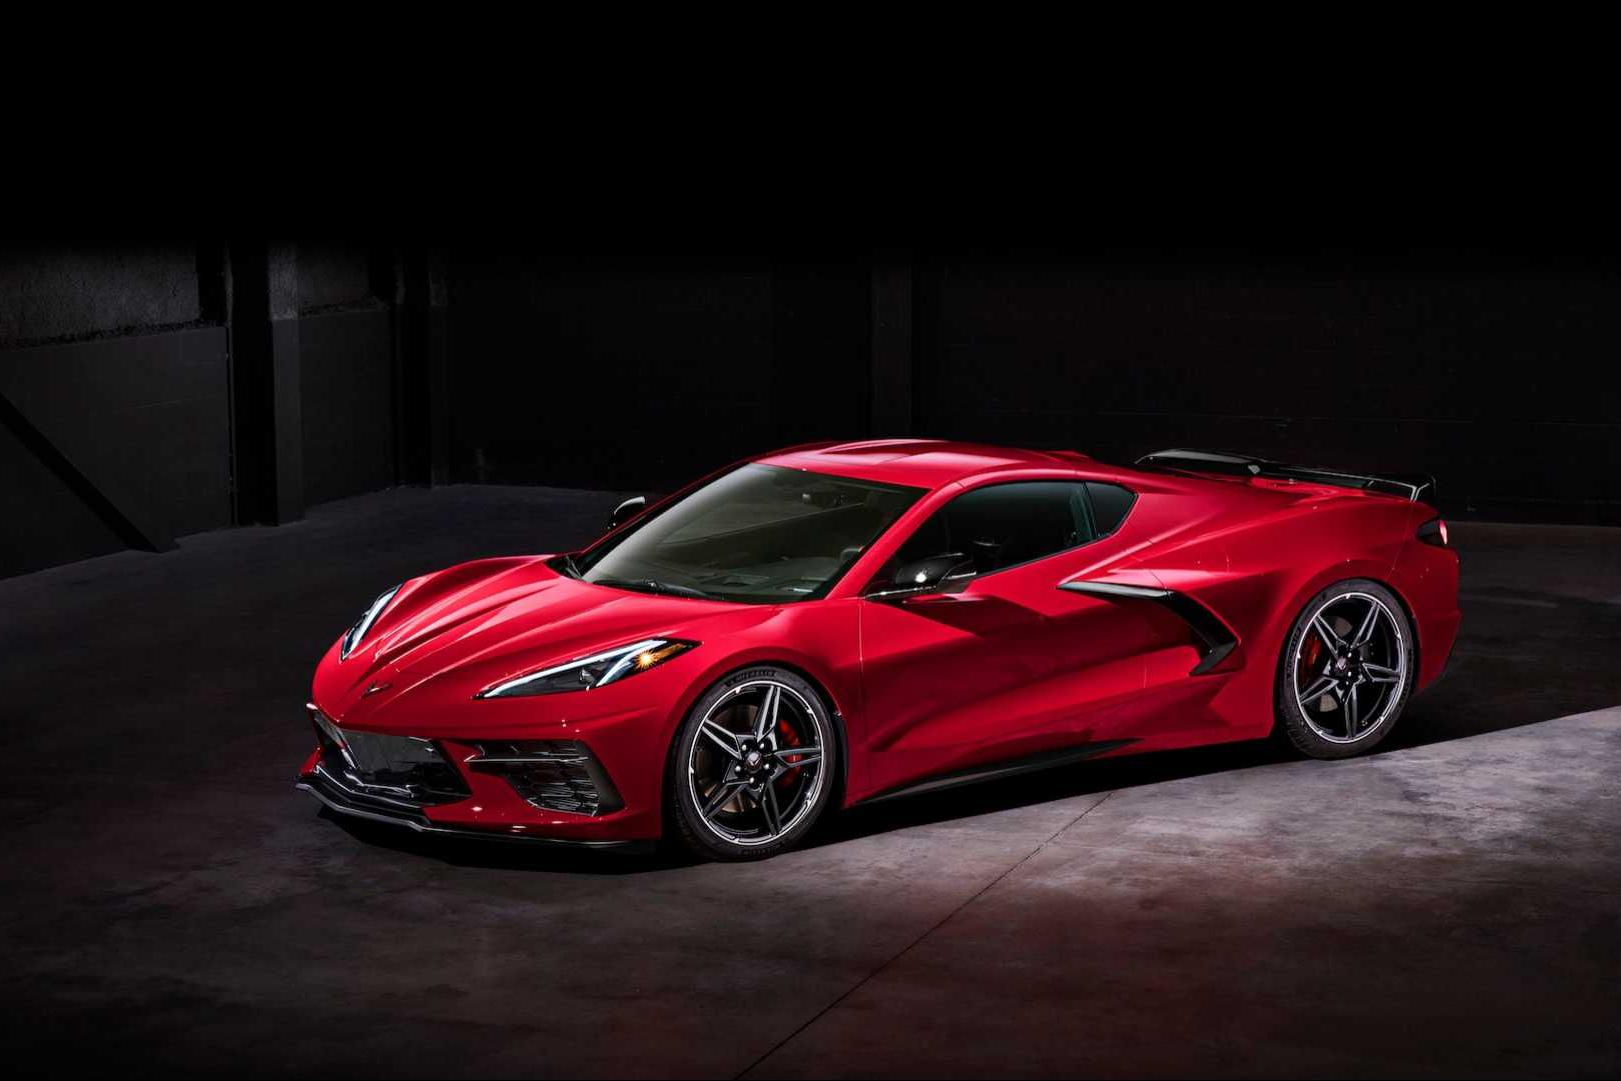 https://cdn.dailyxe.com.vn/image/chevrolet-corvette-2020-co-mot-so-tinh-nang-an-tuyet-voi-42-94551j2.jpg